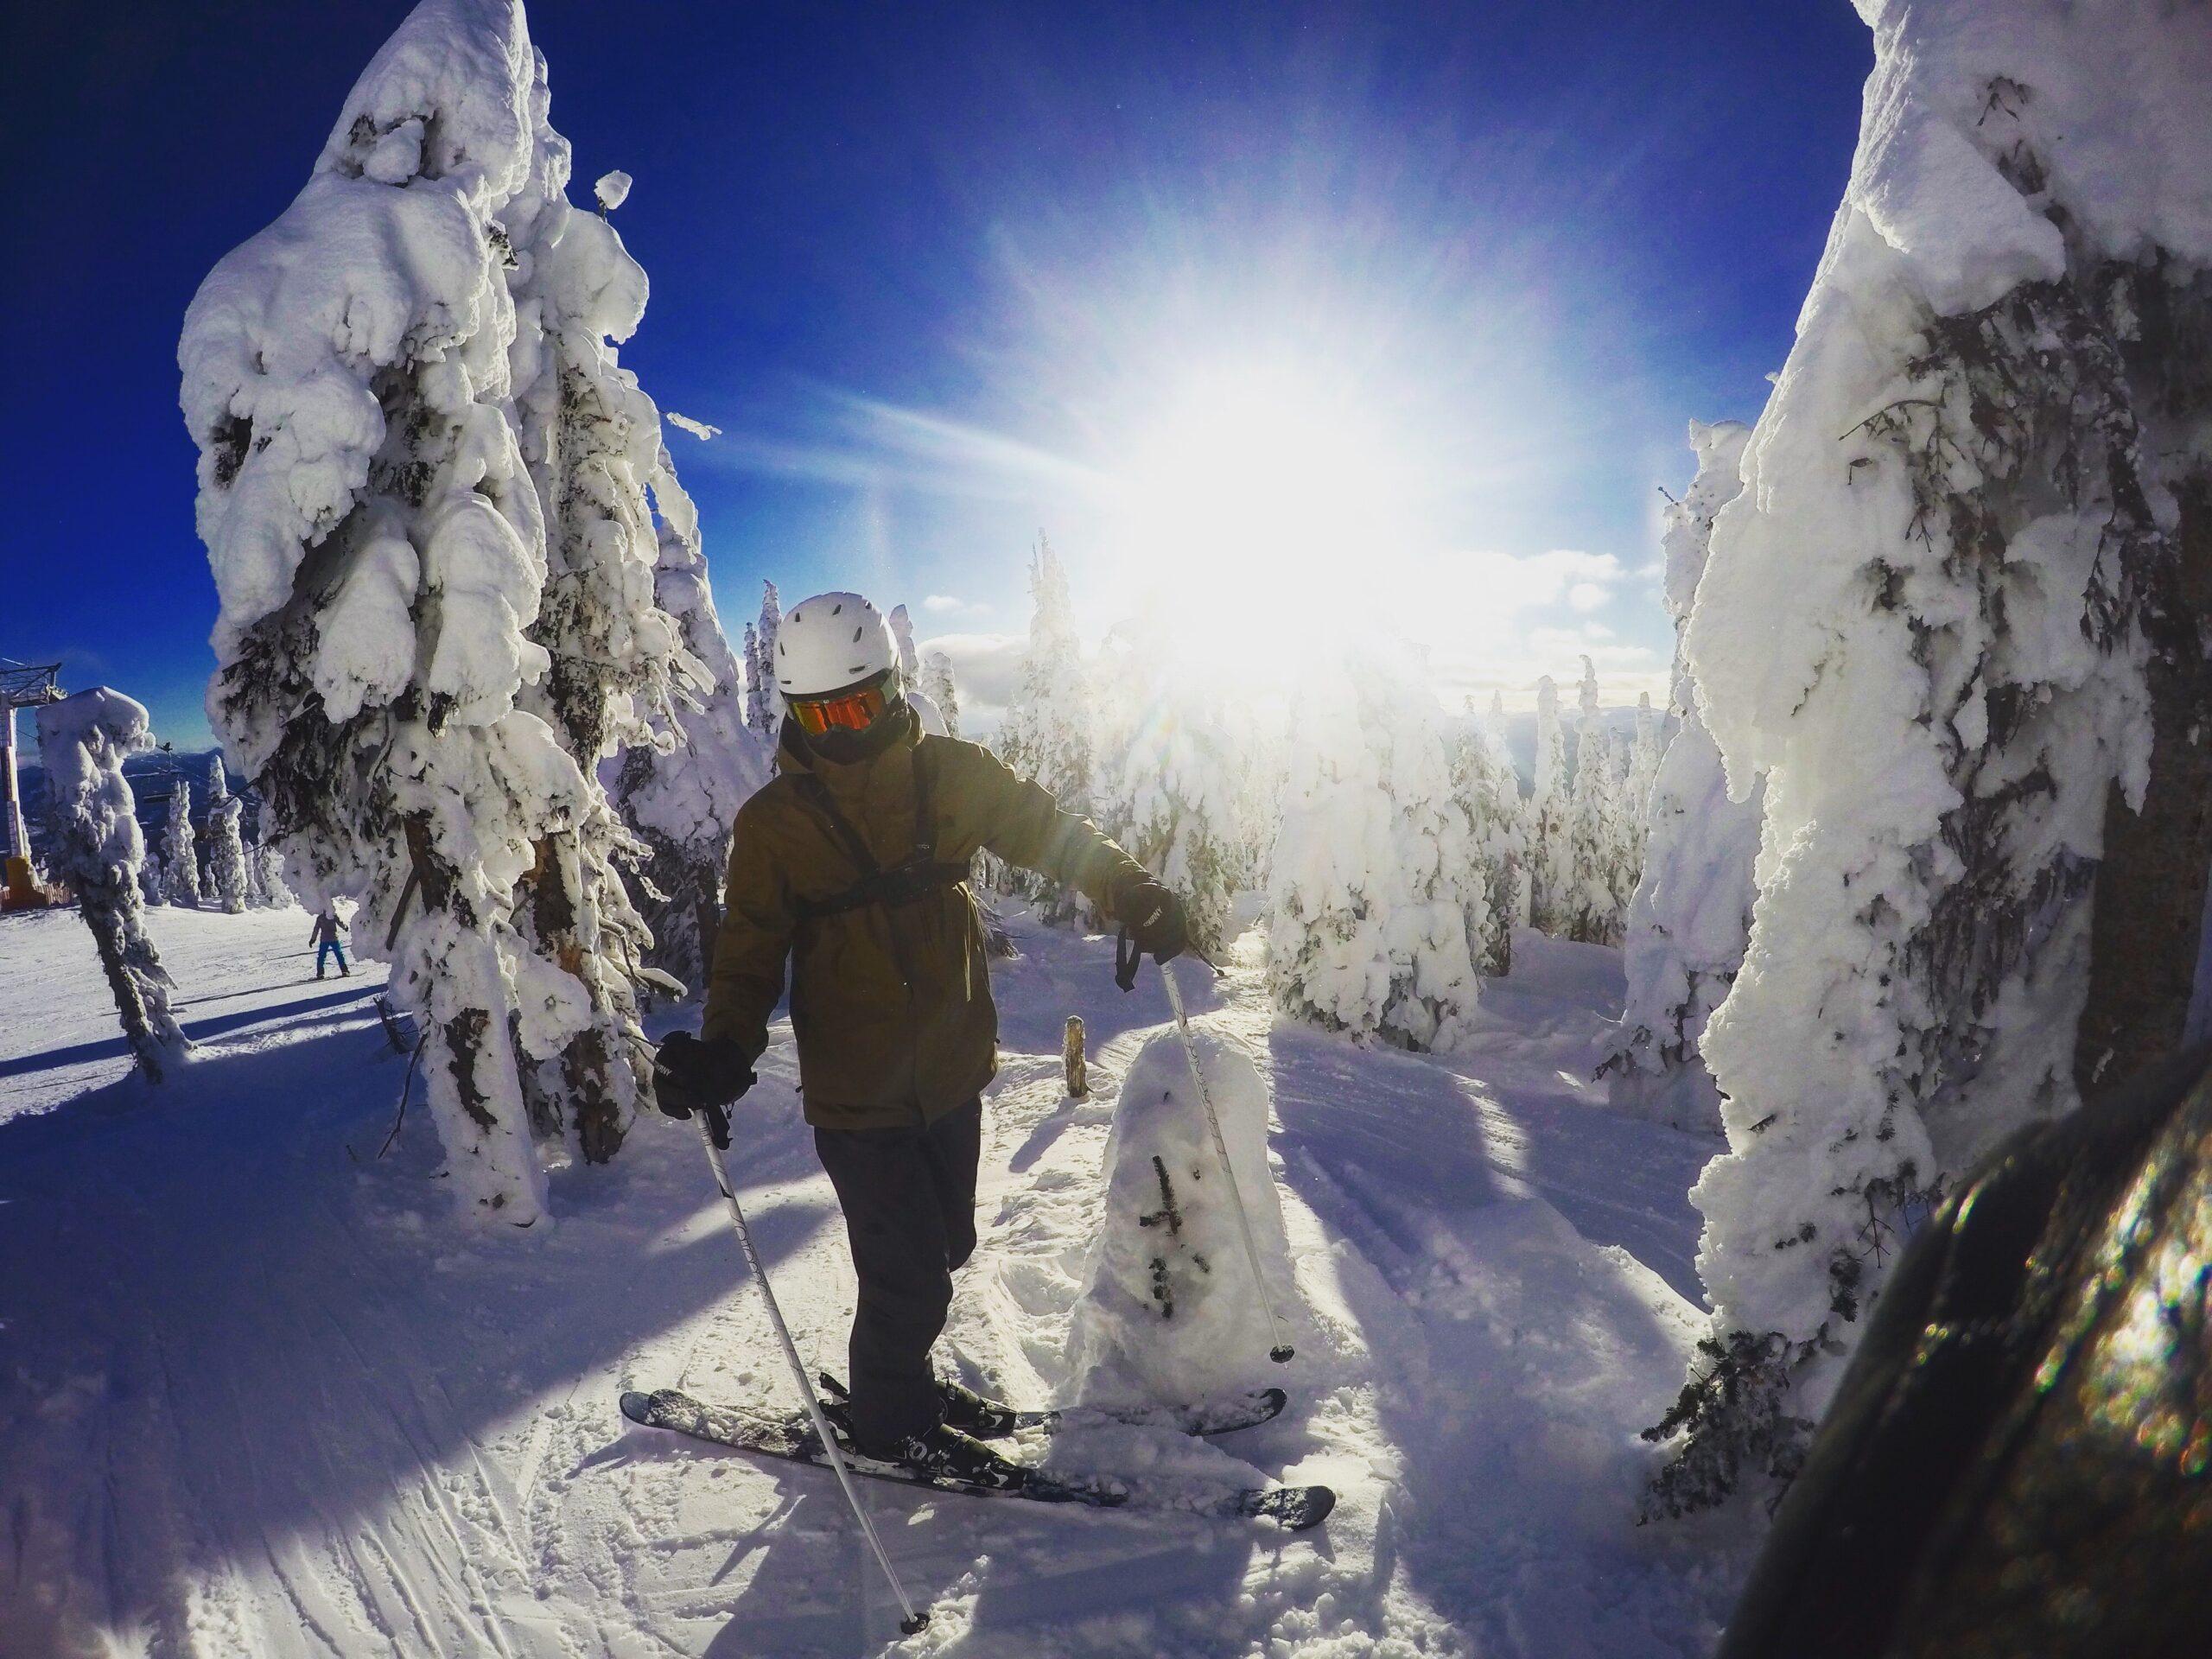 🏂加州今冬滑雪季超全指南 |今年還能愉快地滑雪嗎?